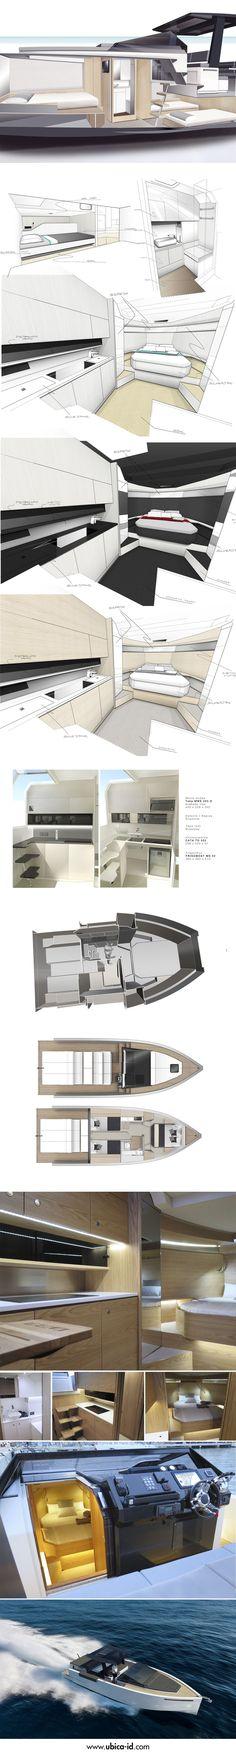 #DeAntonio #Yacht's sleek Interior - Designed by Ubica-id.  Nic@Pureyacht.com #OwnYourRefit www.pureyacht.com #BoatbuildingShops